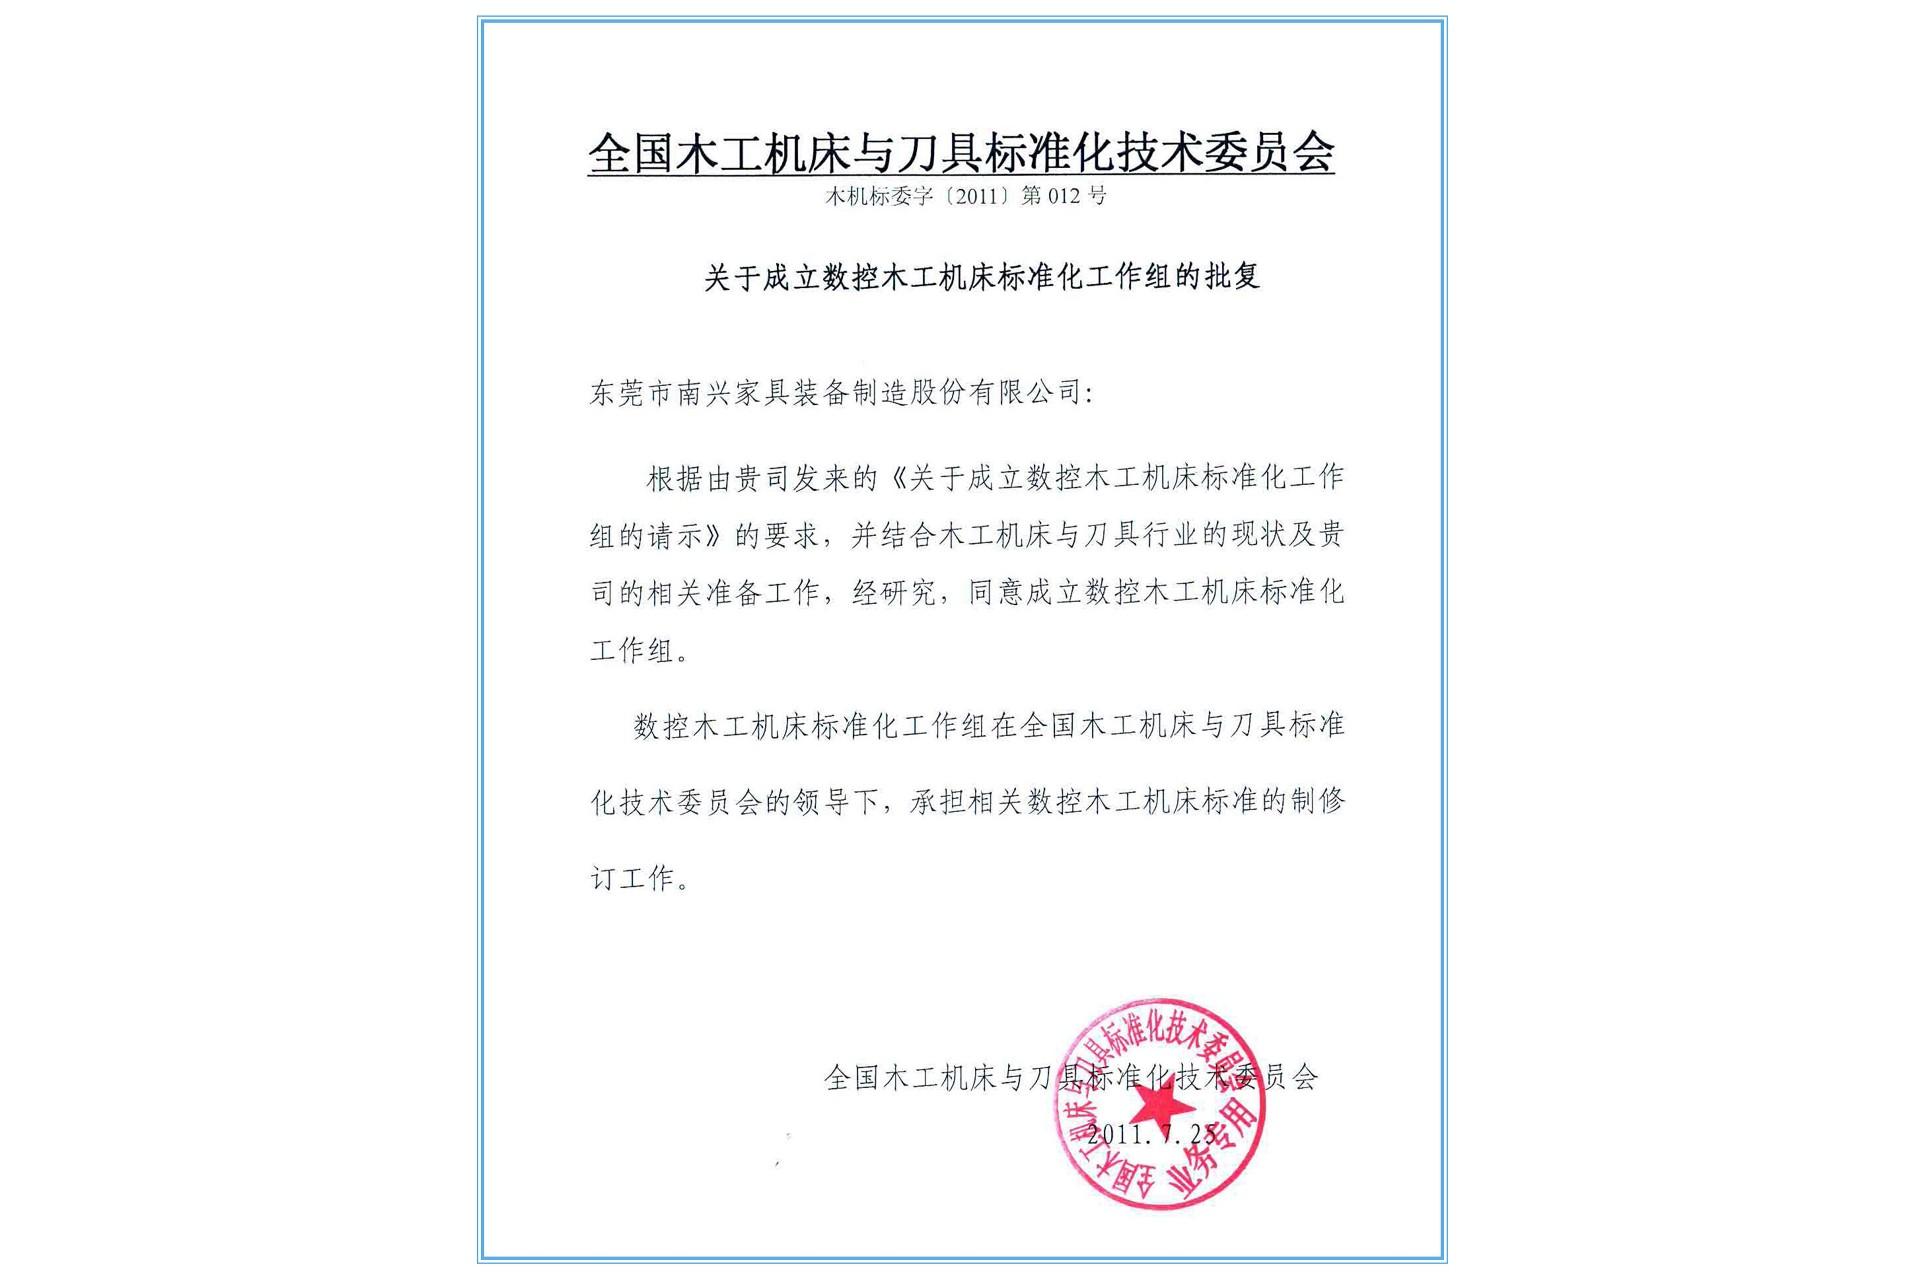 2011年数控木工机床标准化工作组成立